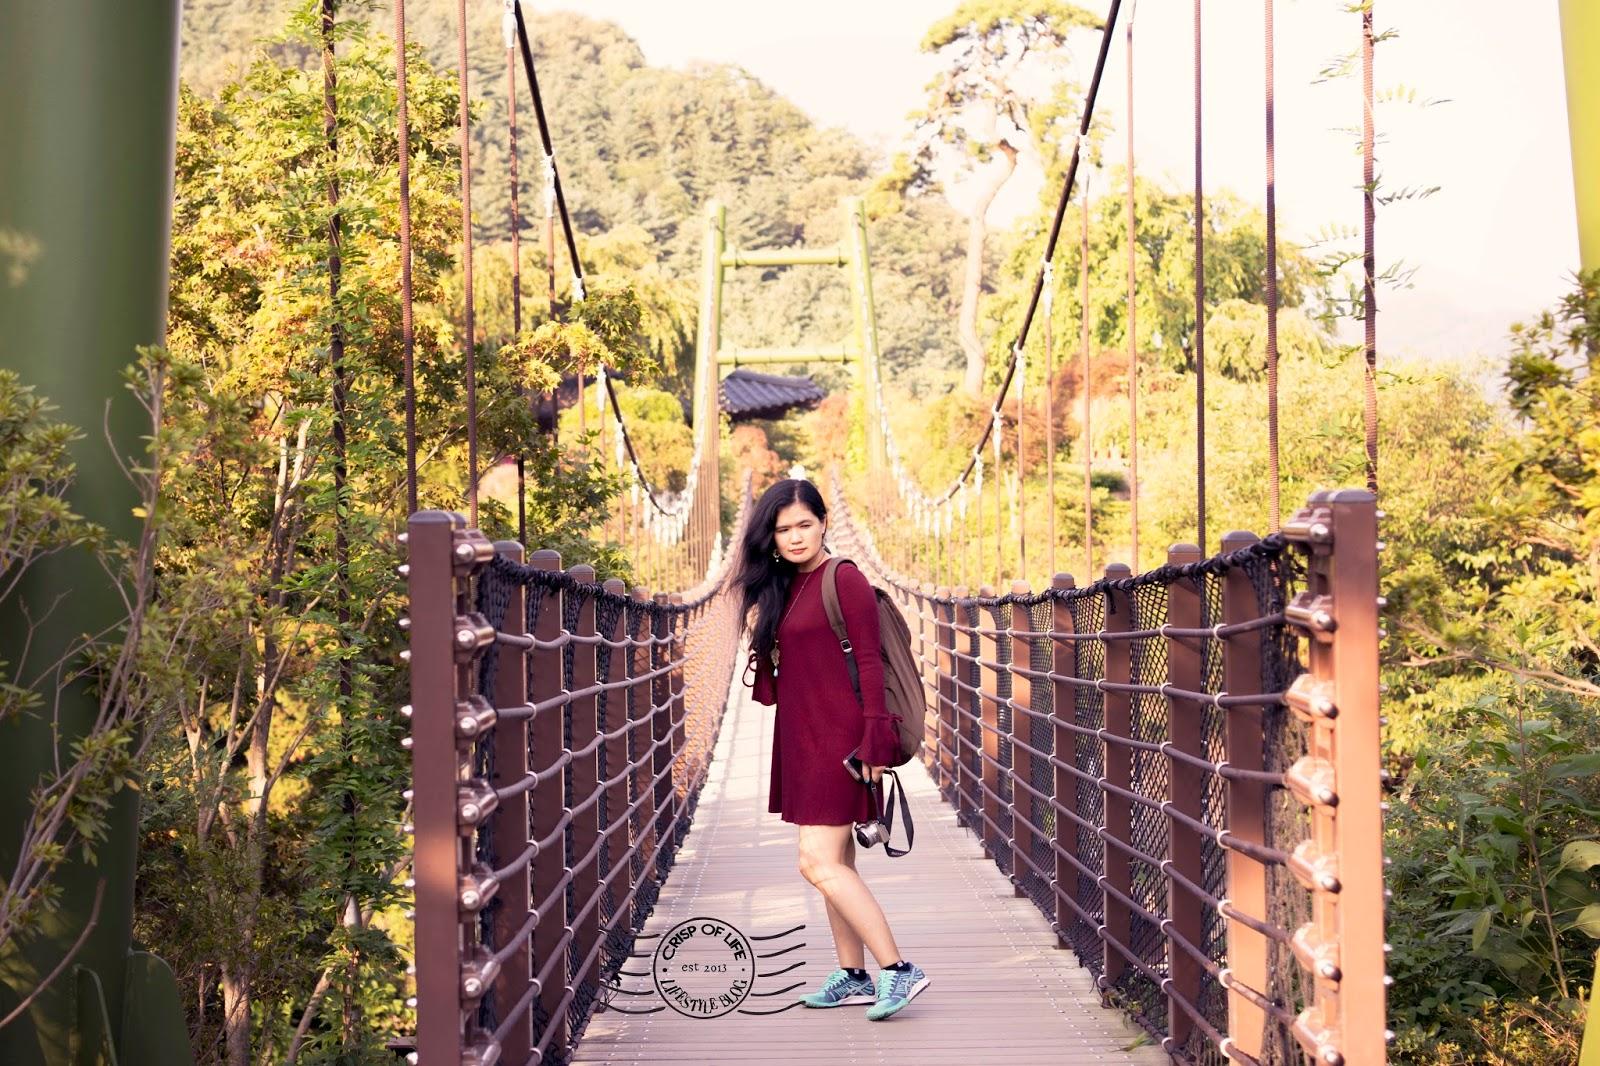 Nami Island Garden of Morning Calm South Korea